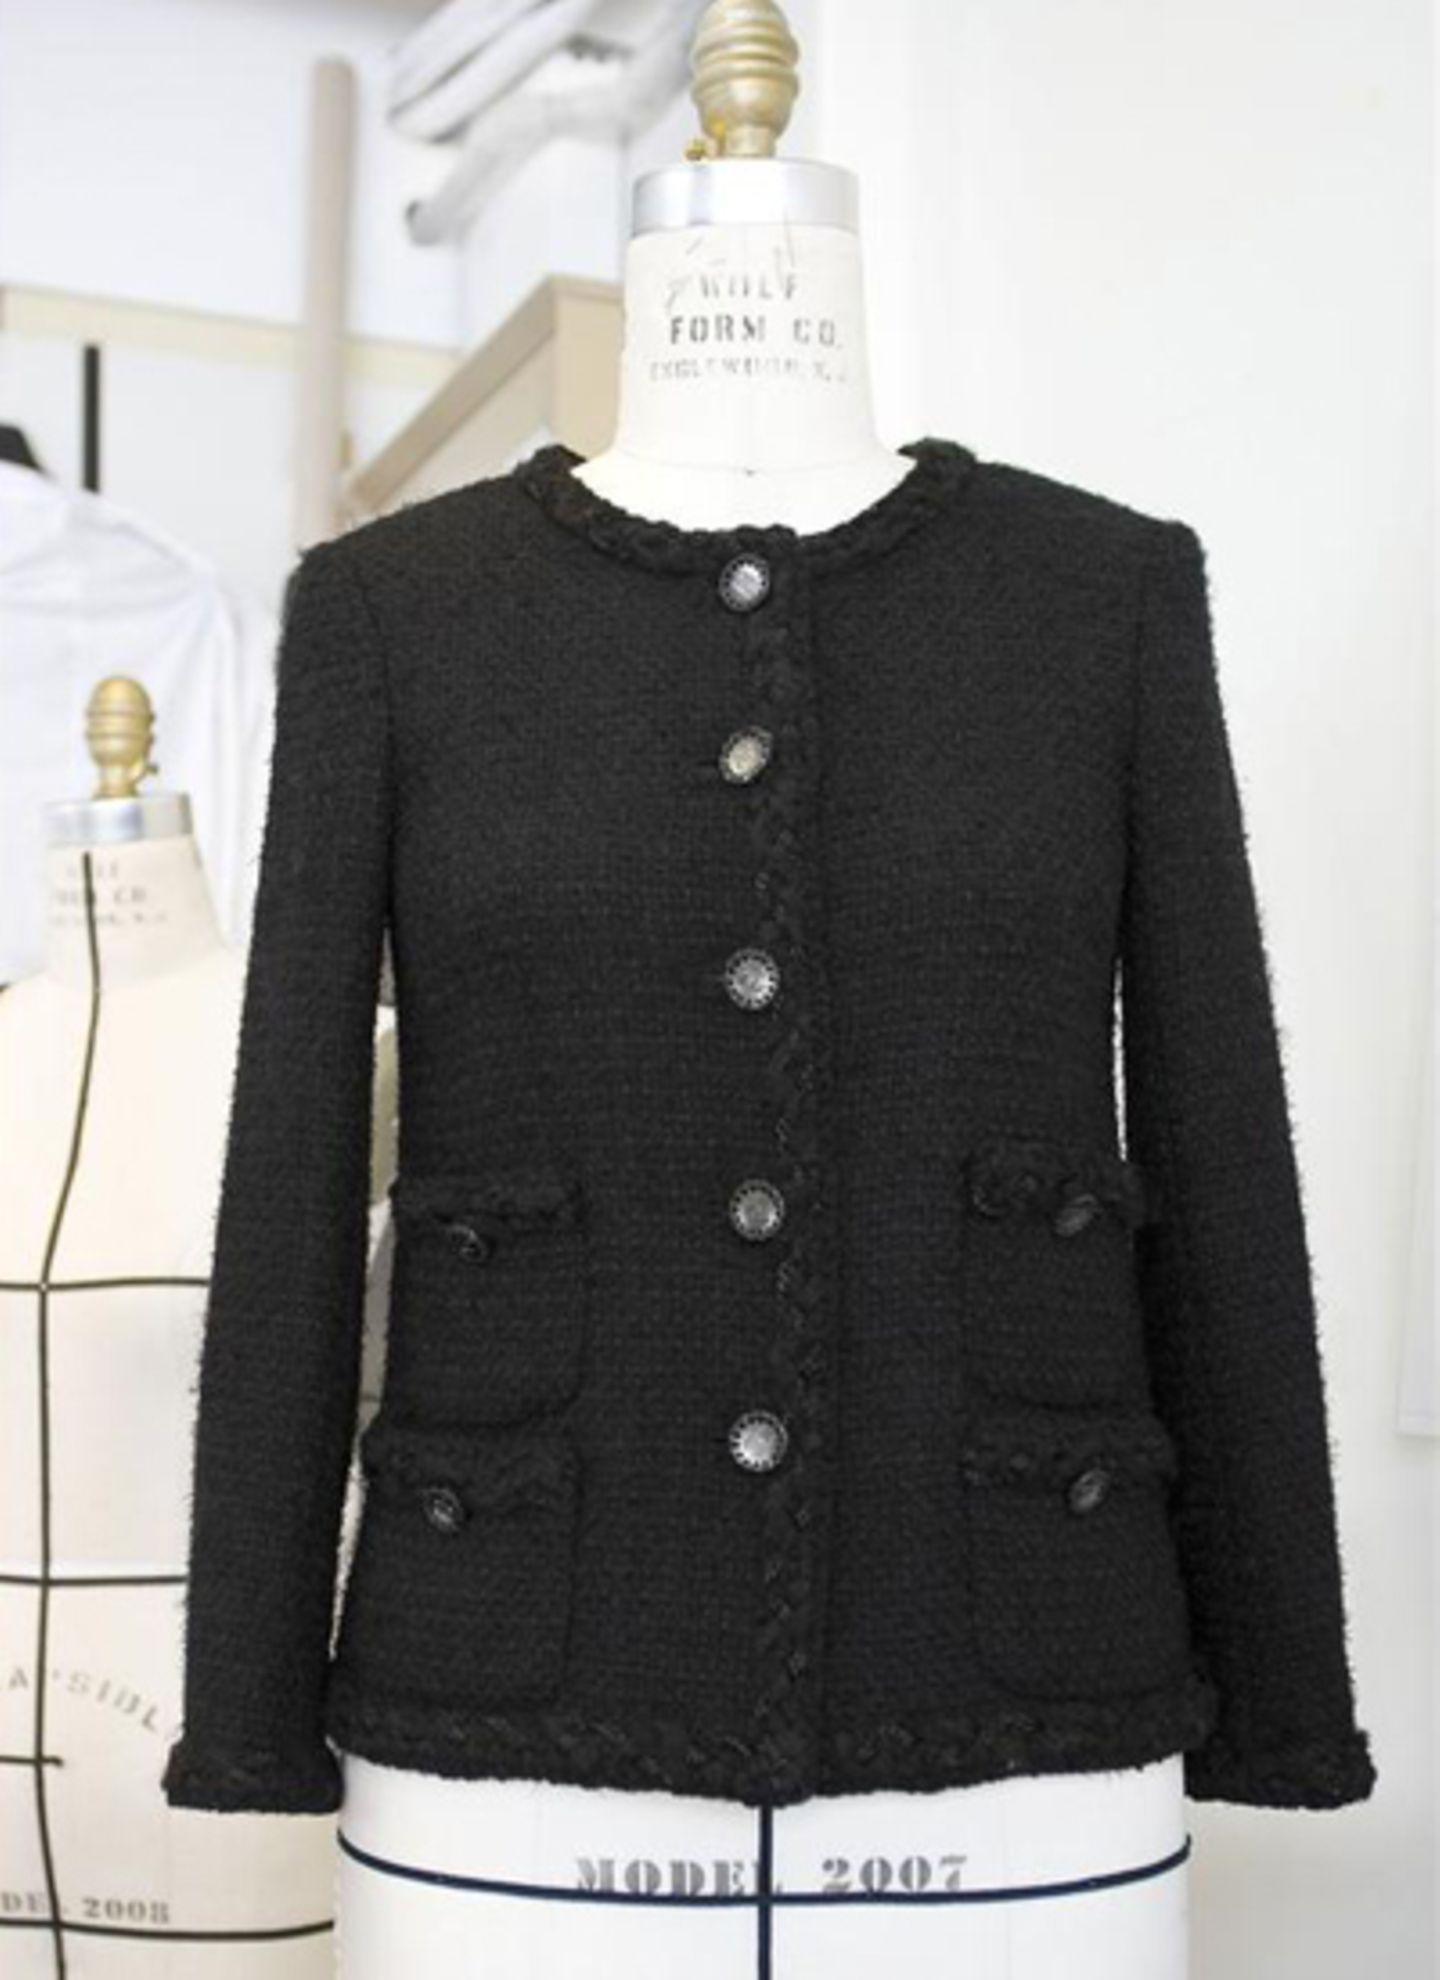 Chanel-Jacke: Wussten Sie schon, dass... | GALA.de